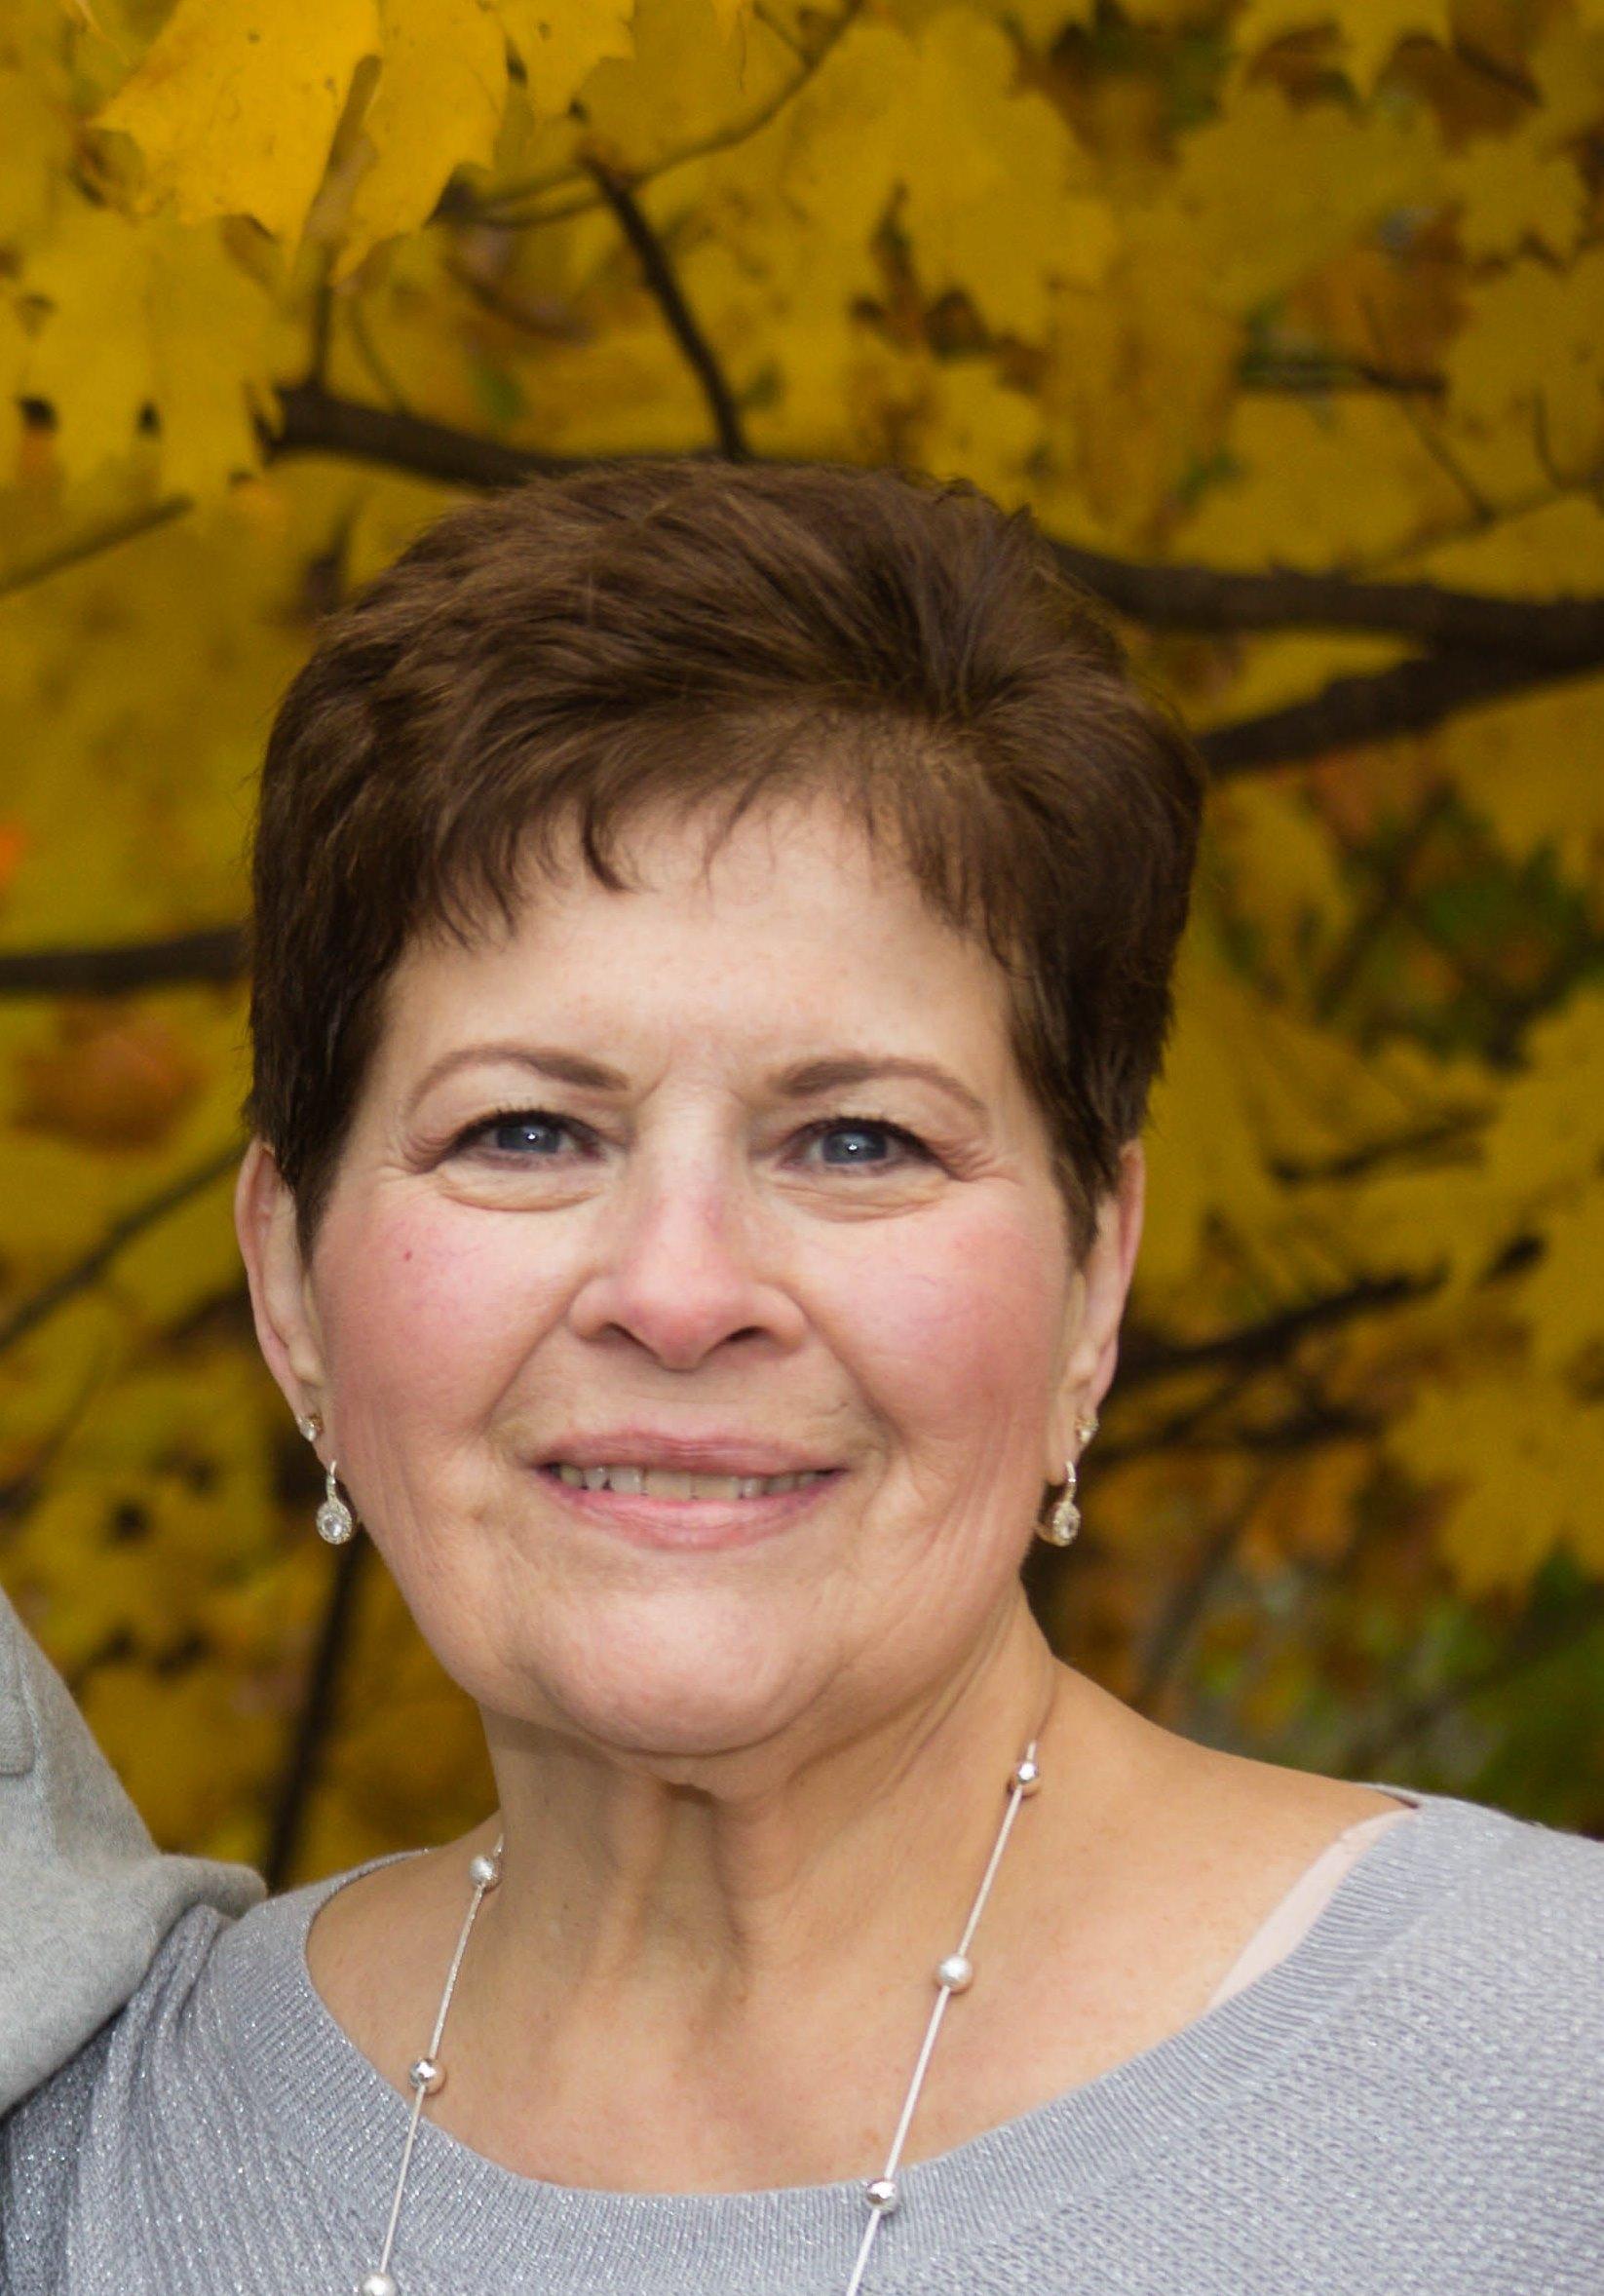 Linda J. Kelley